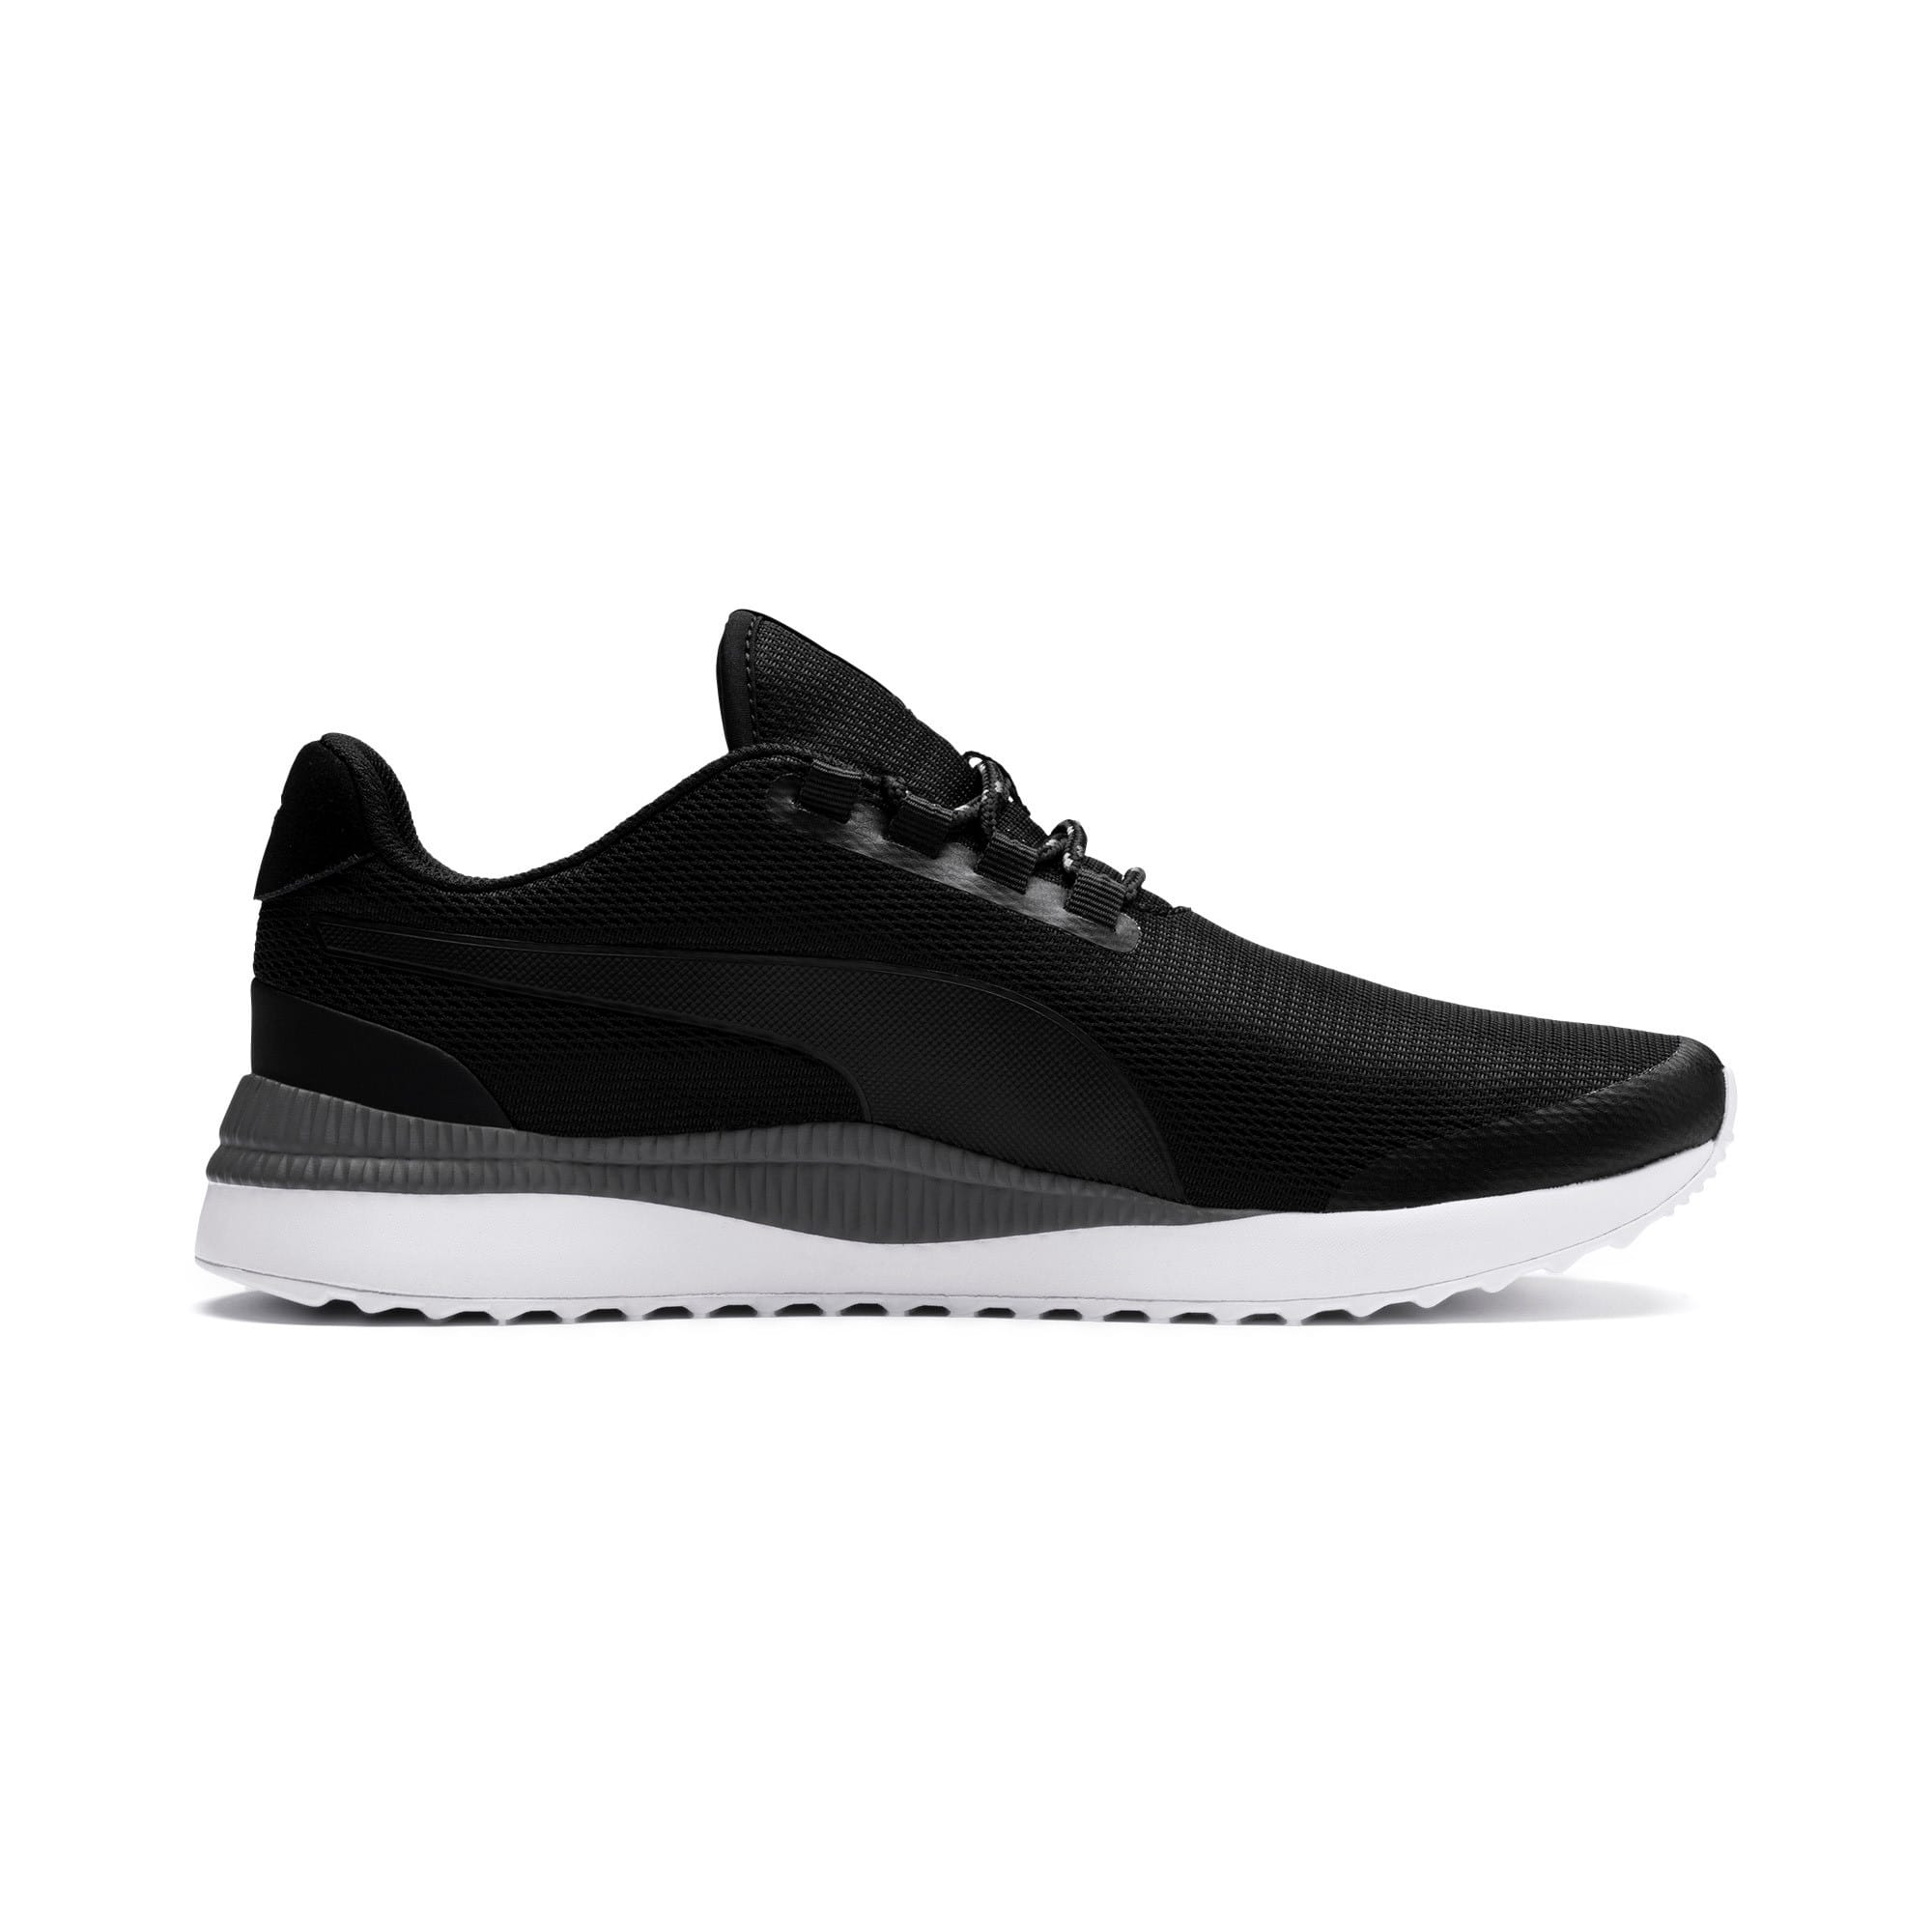 Miniatura 5 de Zapatos deportivosPacer Next FS, Puma Black-Iron Gate, mediano